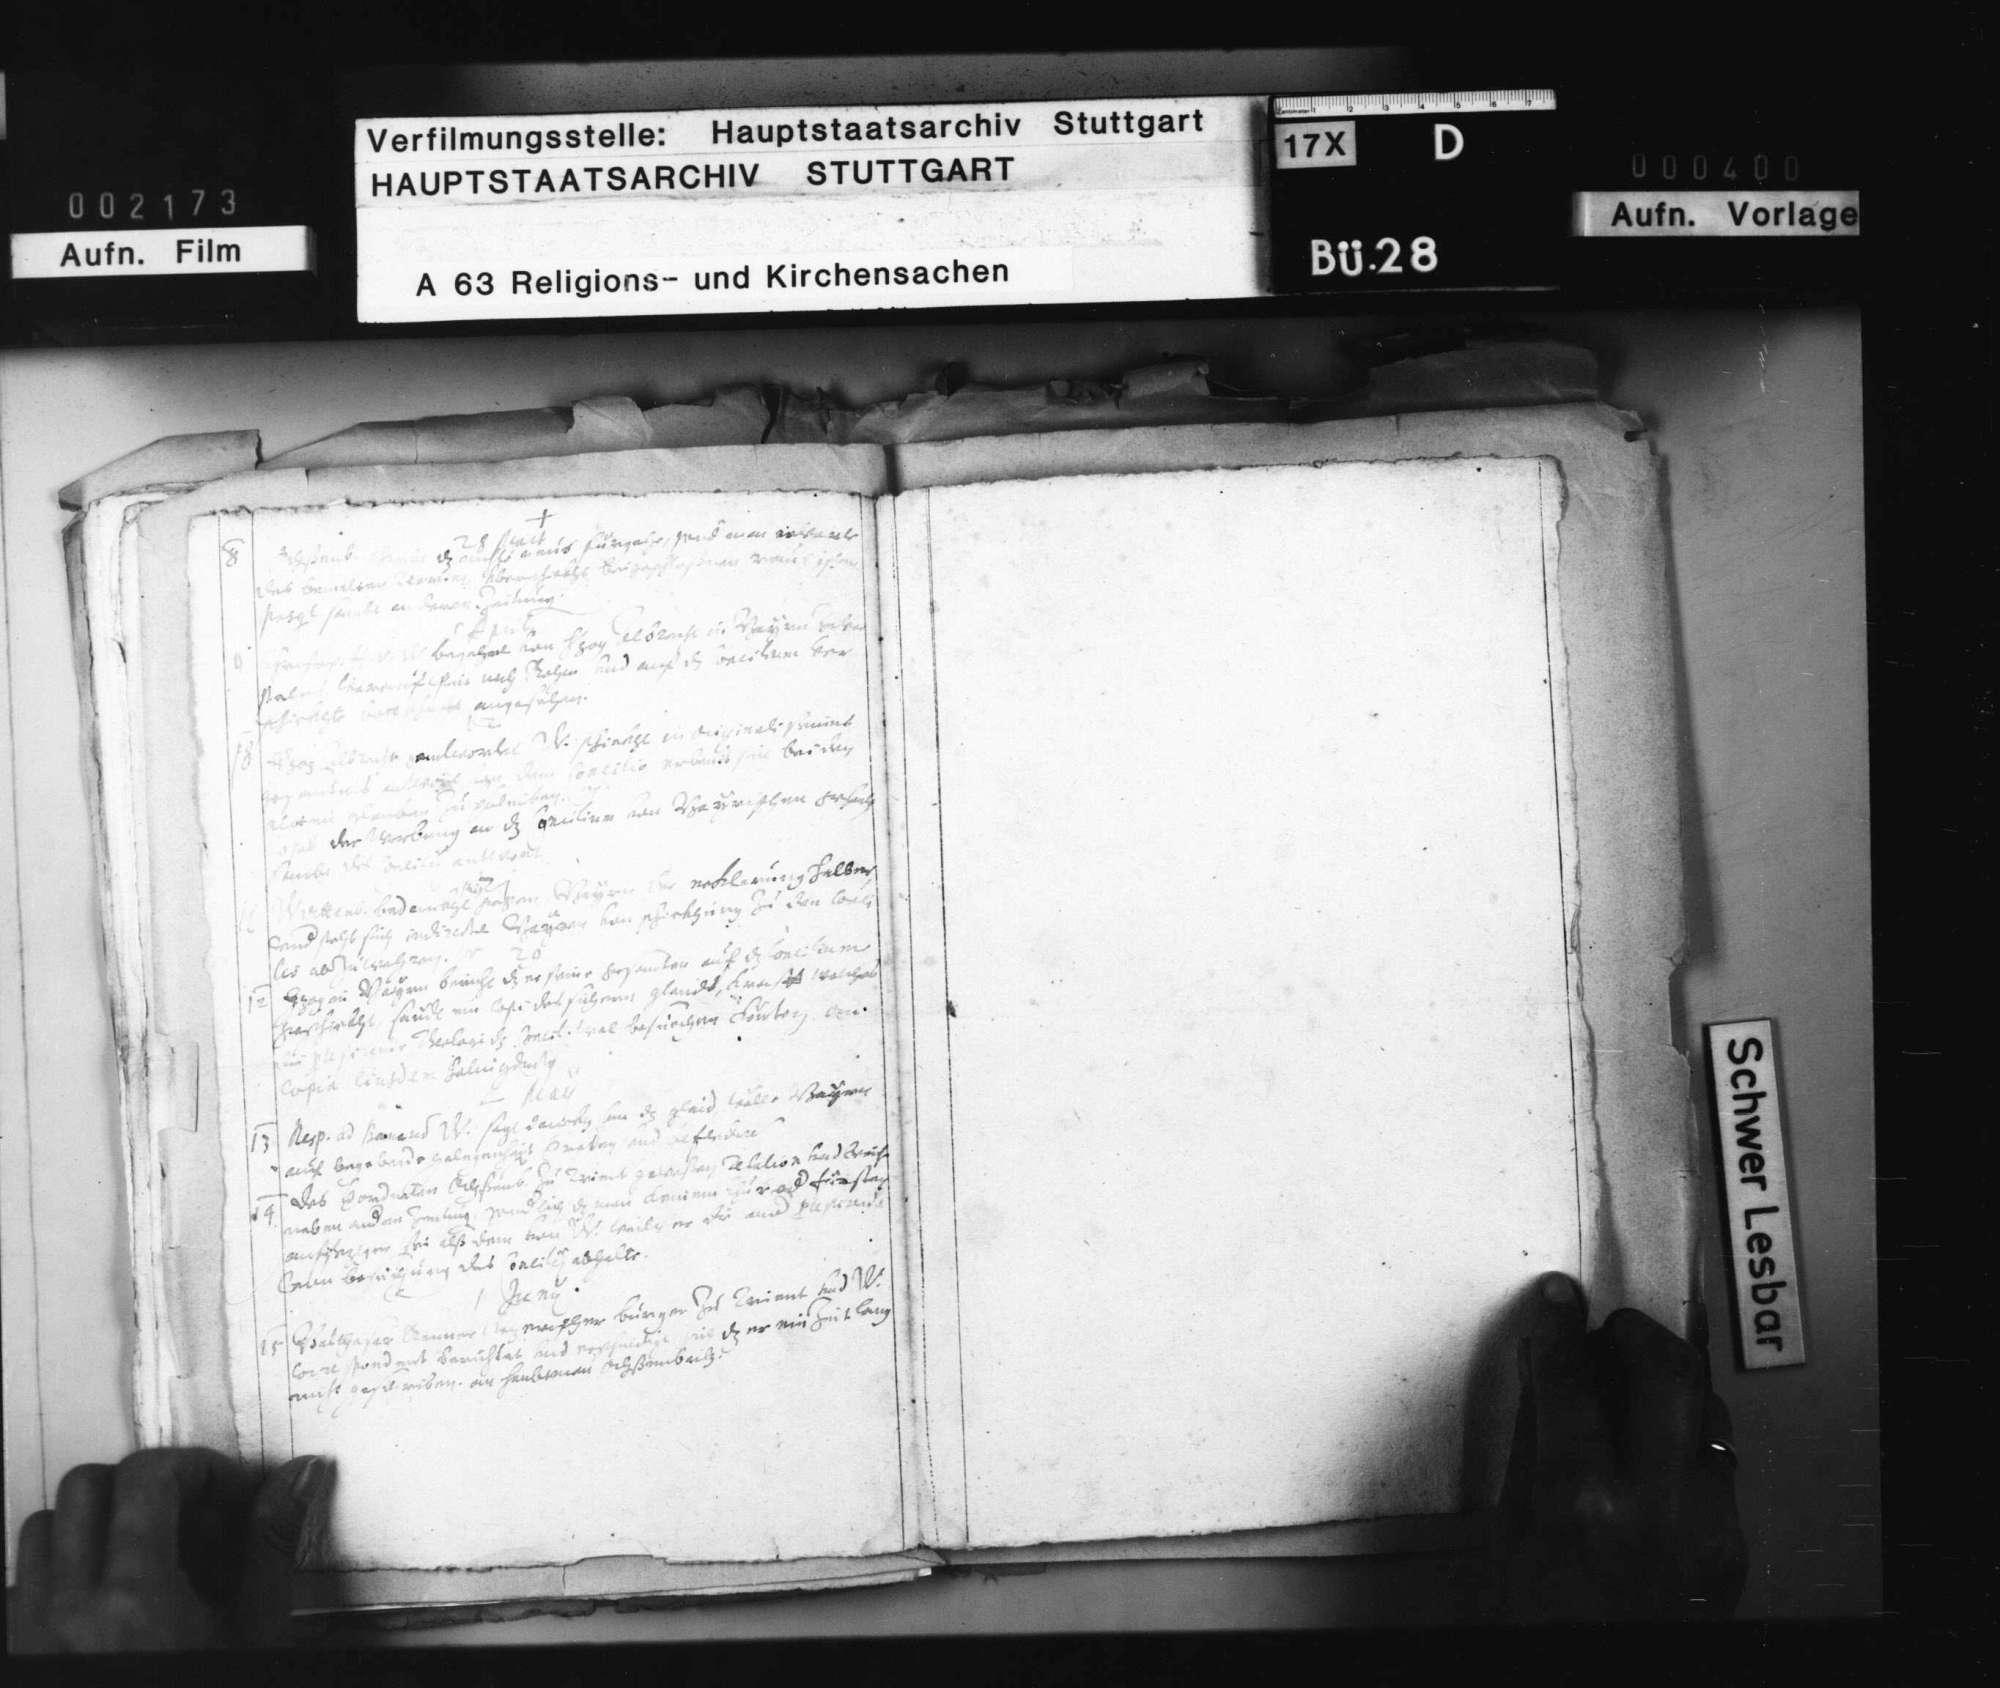 Aktenverzeichnis zu den Berichten des geheimen württembergischen Korrespondenten in Wien, Ochsenbach., Bild 3